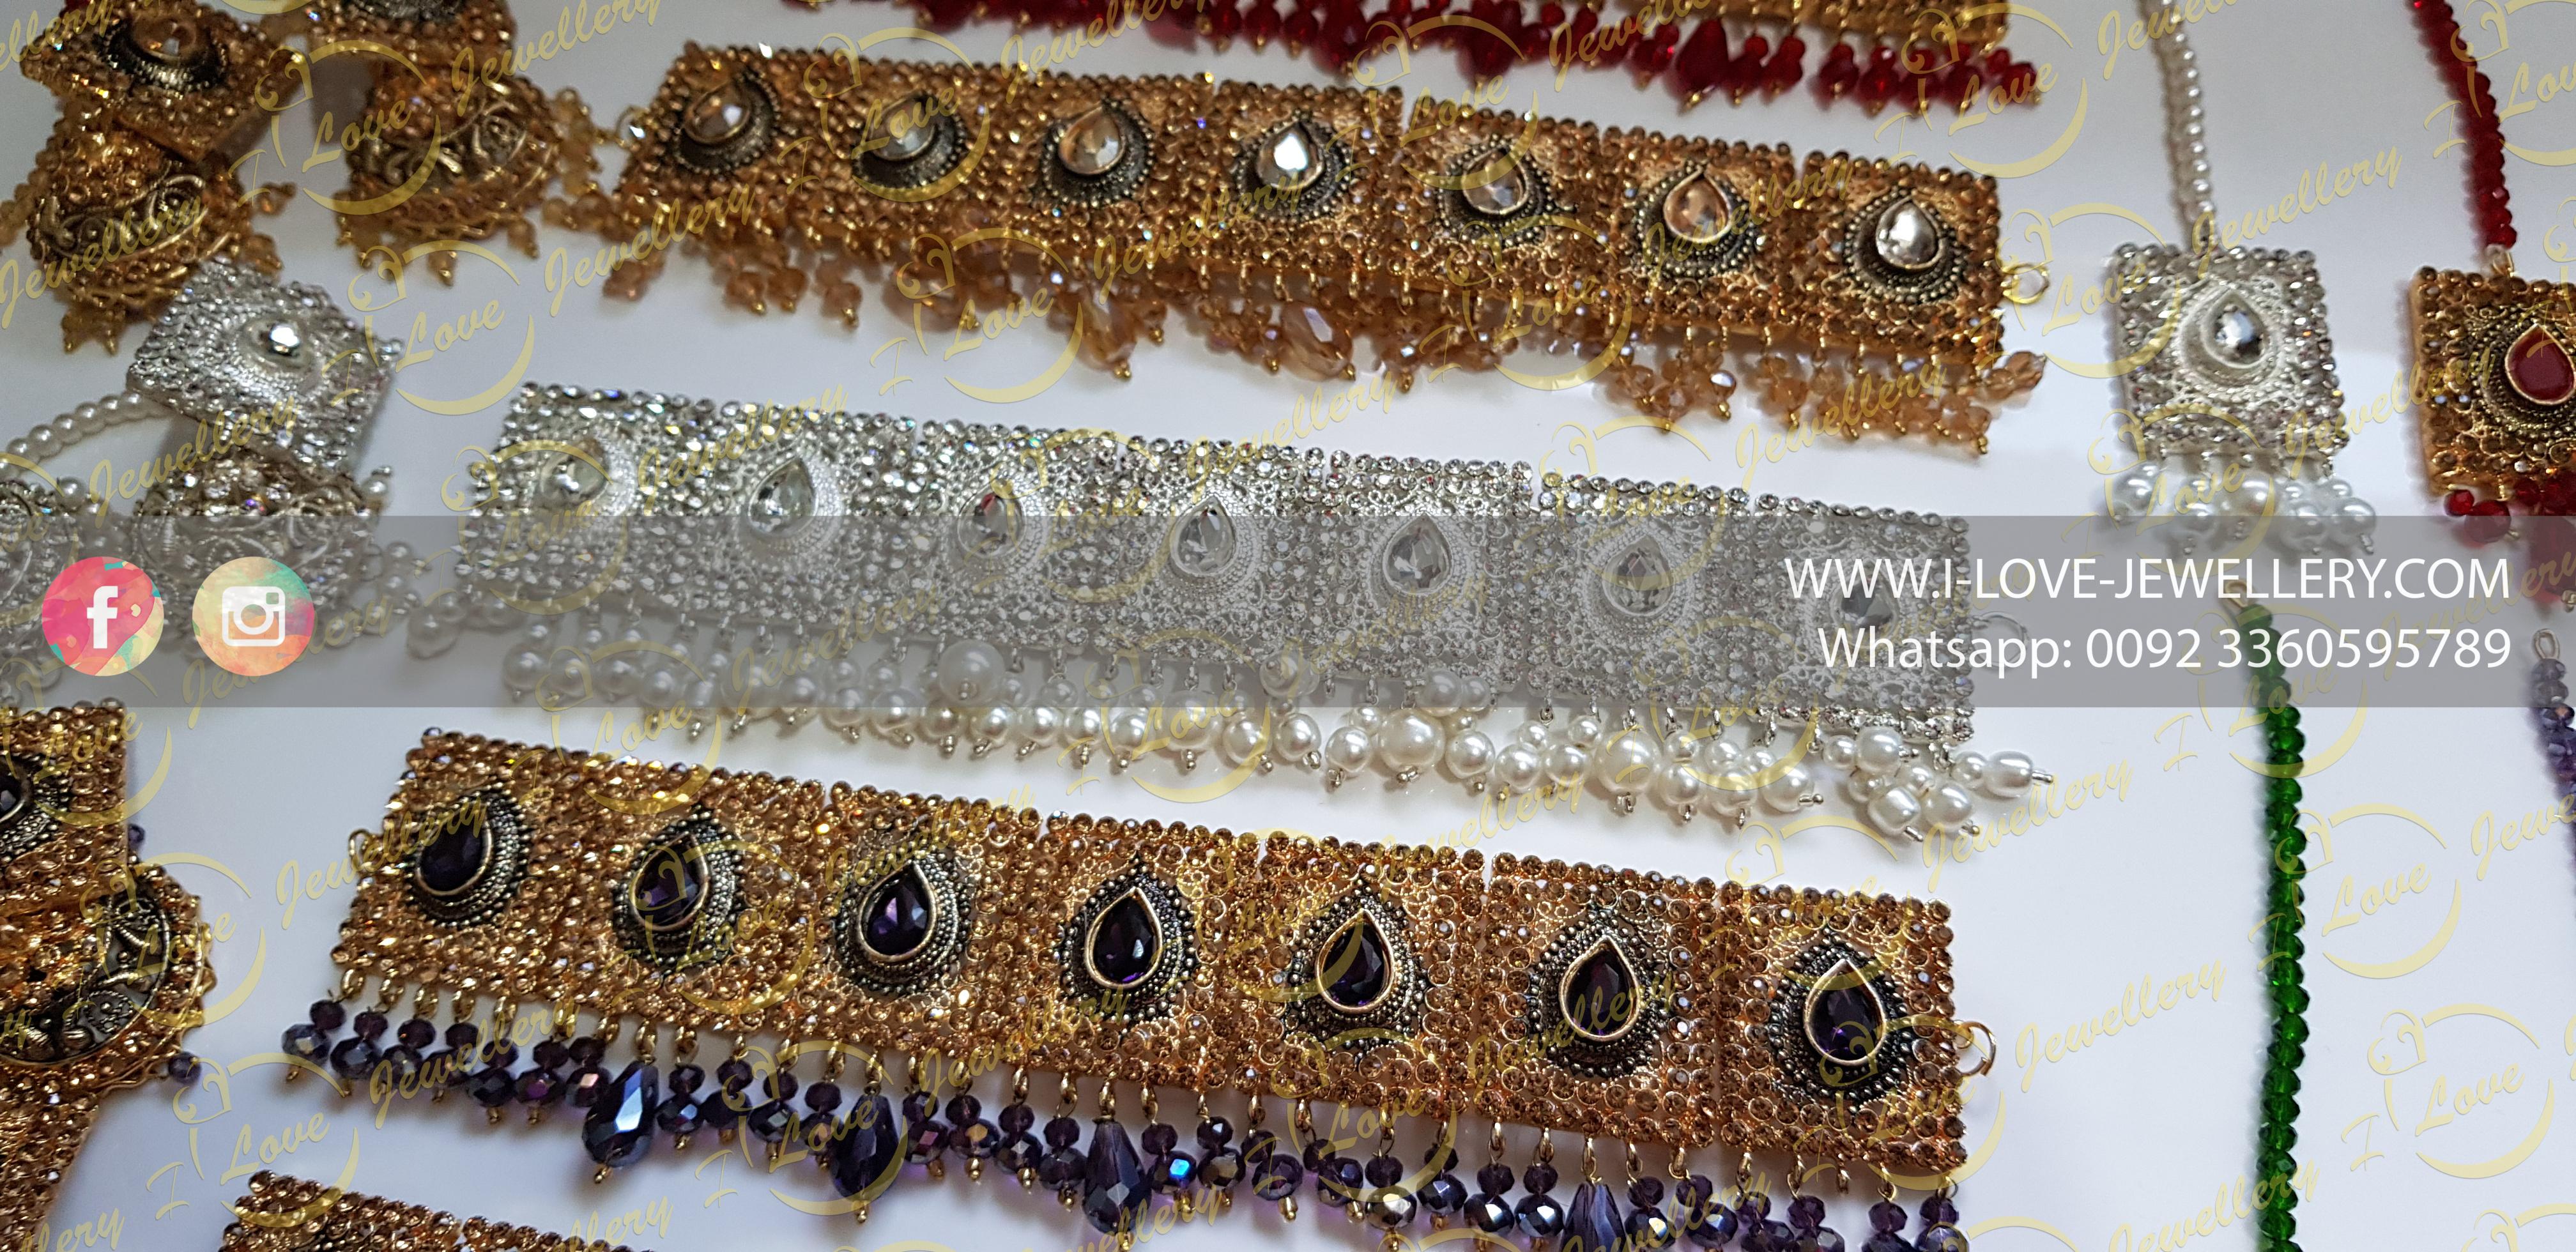 Pakistani choker - champagne choker - silver choker - purple choker - mehndi choker - bridal chokers - wedding choker necklace- golden choker - pearl choker - wholesale Pakistani jewellery - bespoke Pakistani jewellery